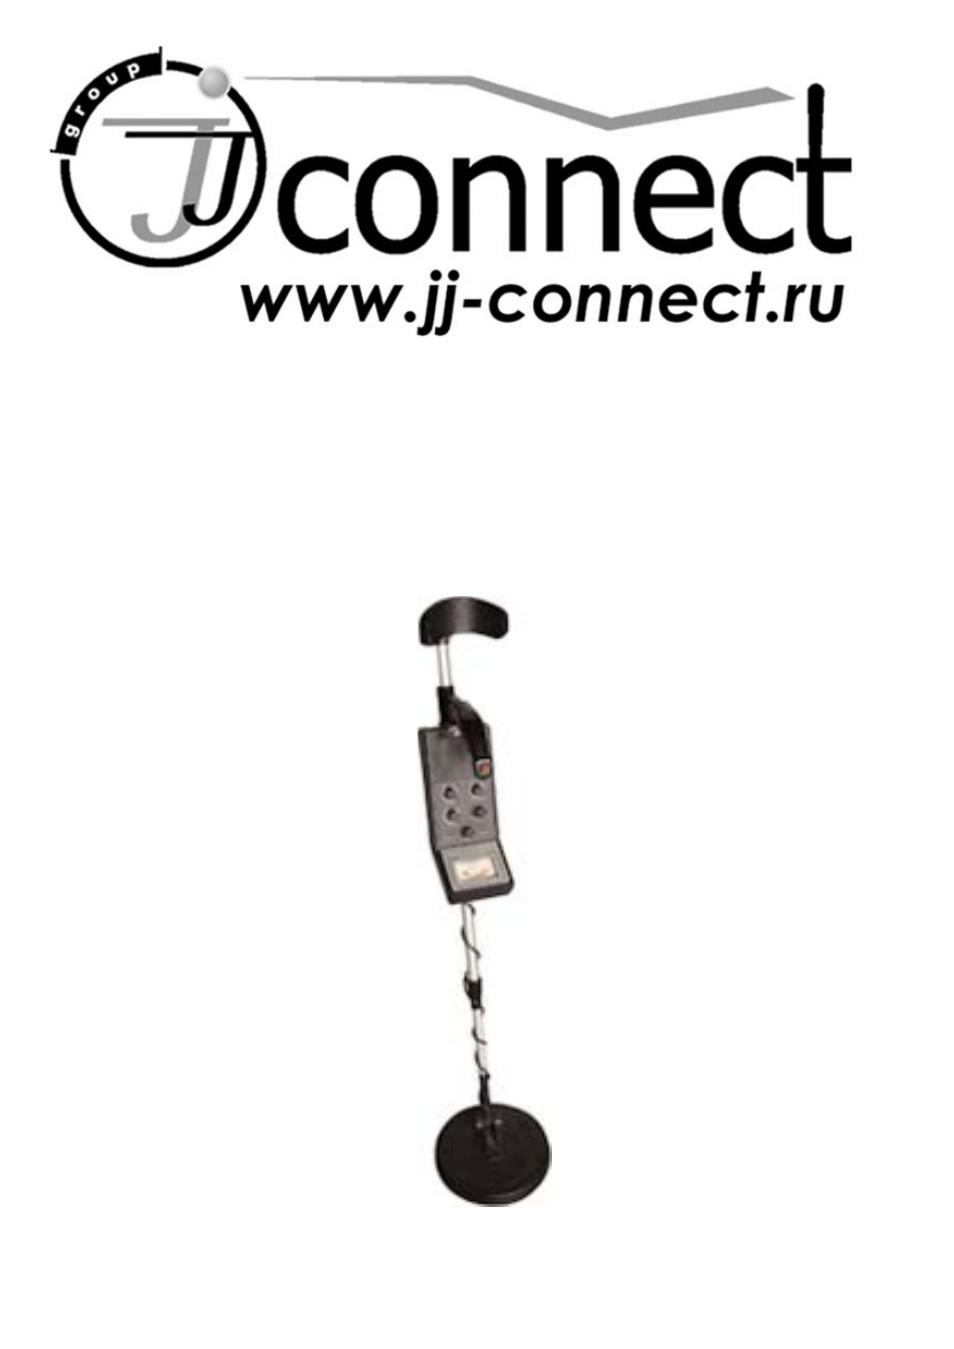 Jj Connect 1000 Металлоискатель инструкция